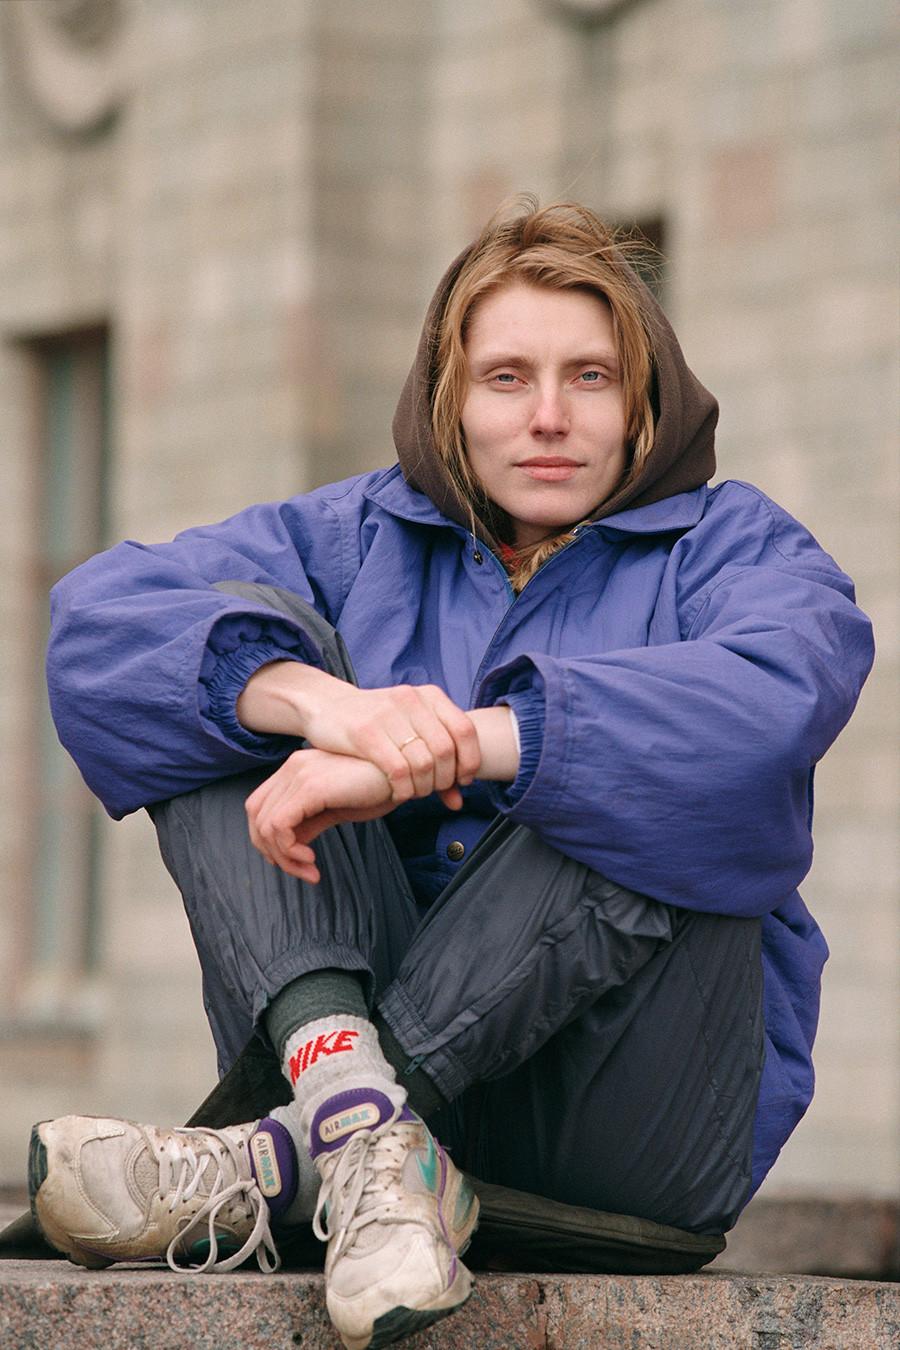 L'athlète Irina Privalova